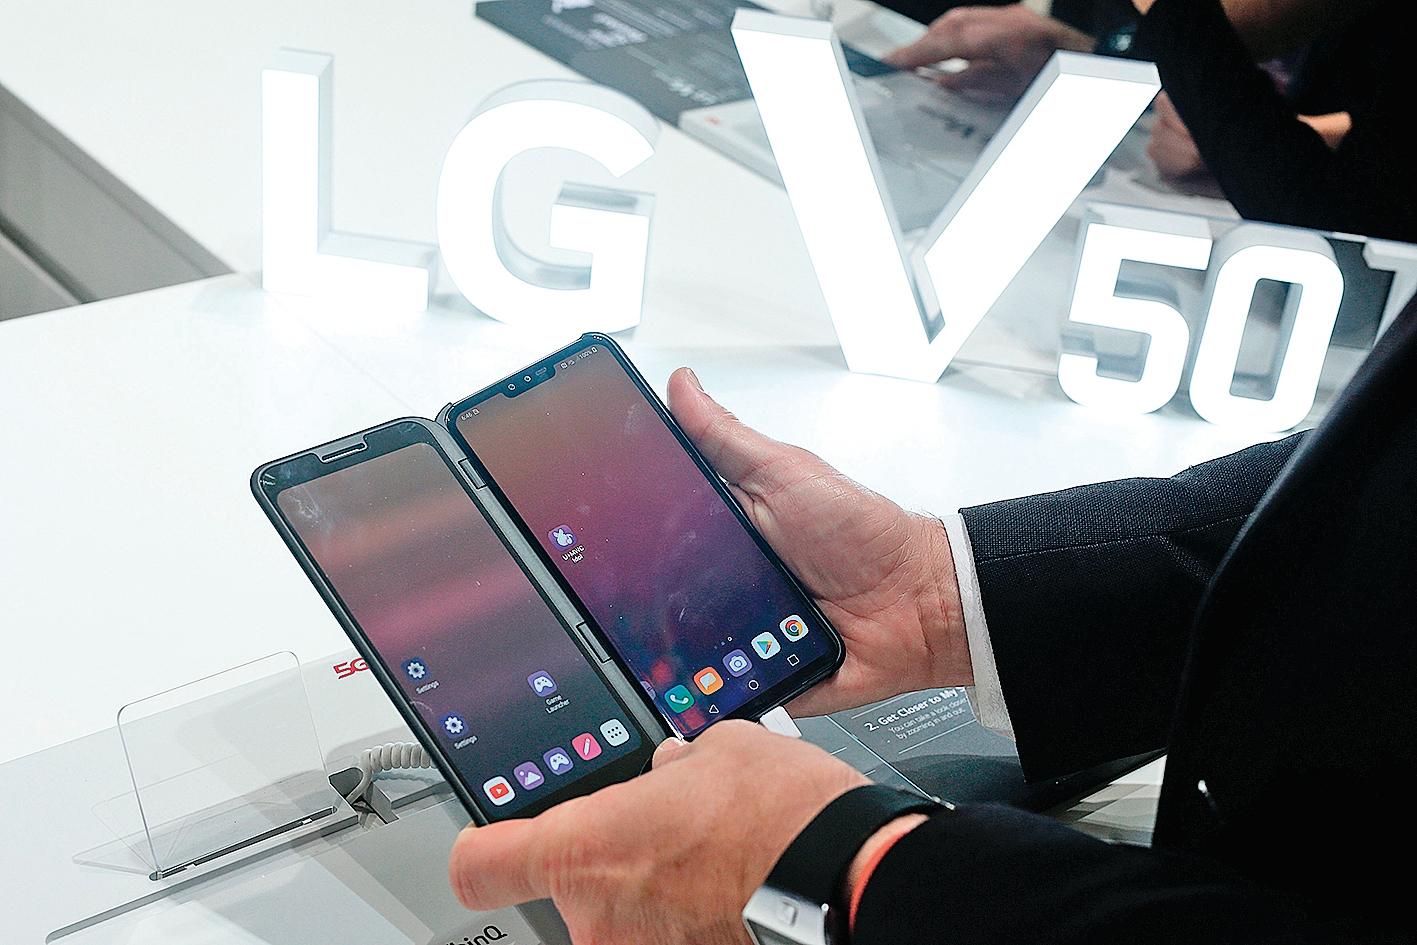 2019年發表的LG V50 ThinQ 5G雙屏智能手機。(AFP via Getty Images)